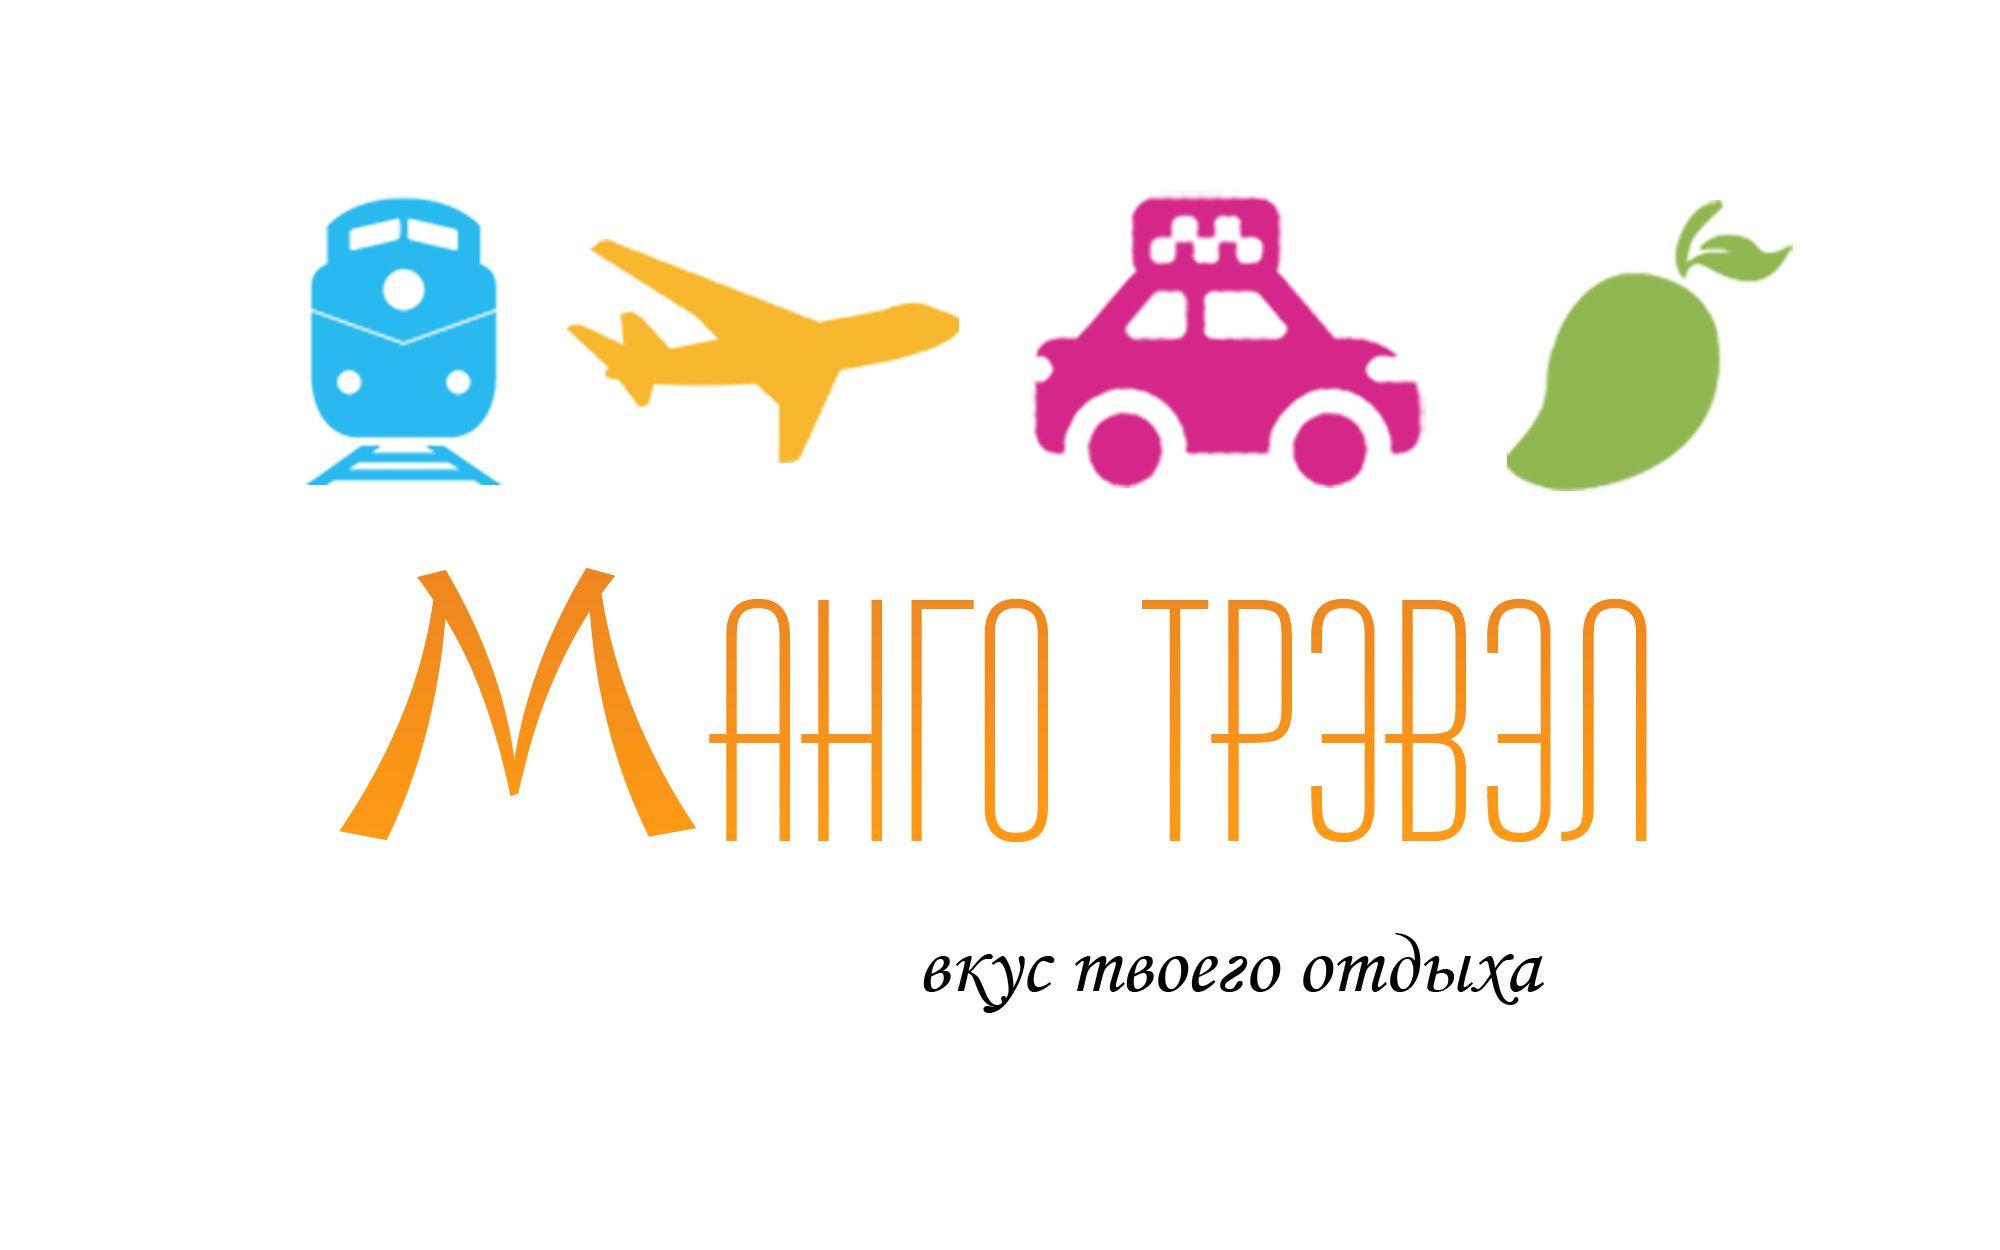 Логотип для турагентства - дизайнер Oscar_Silliont